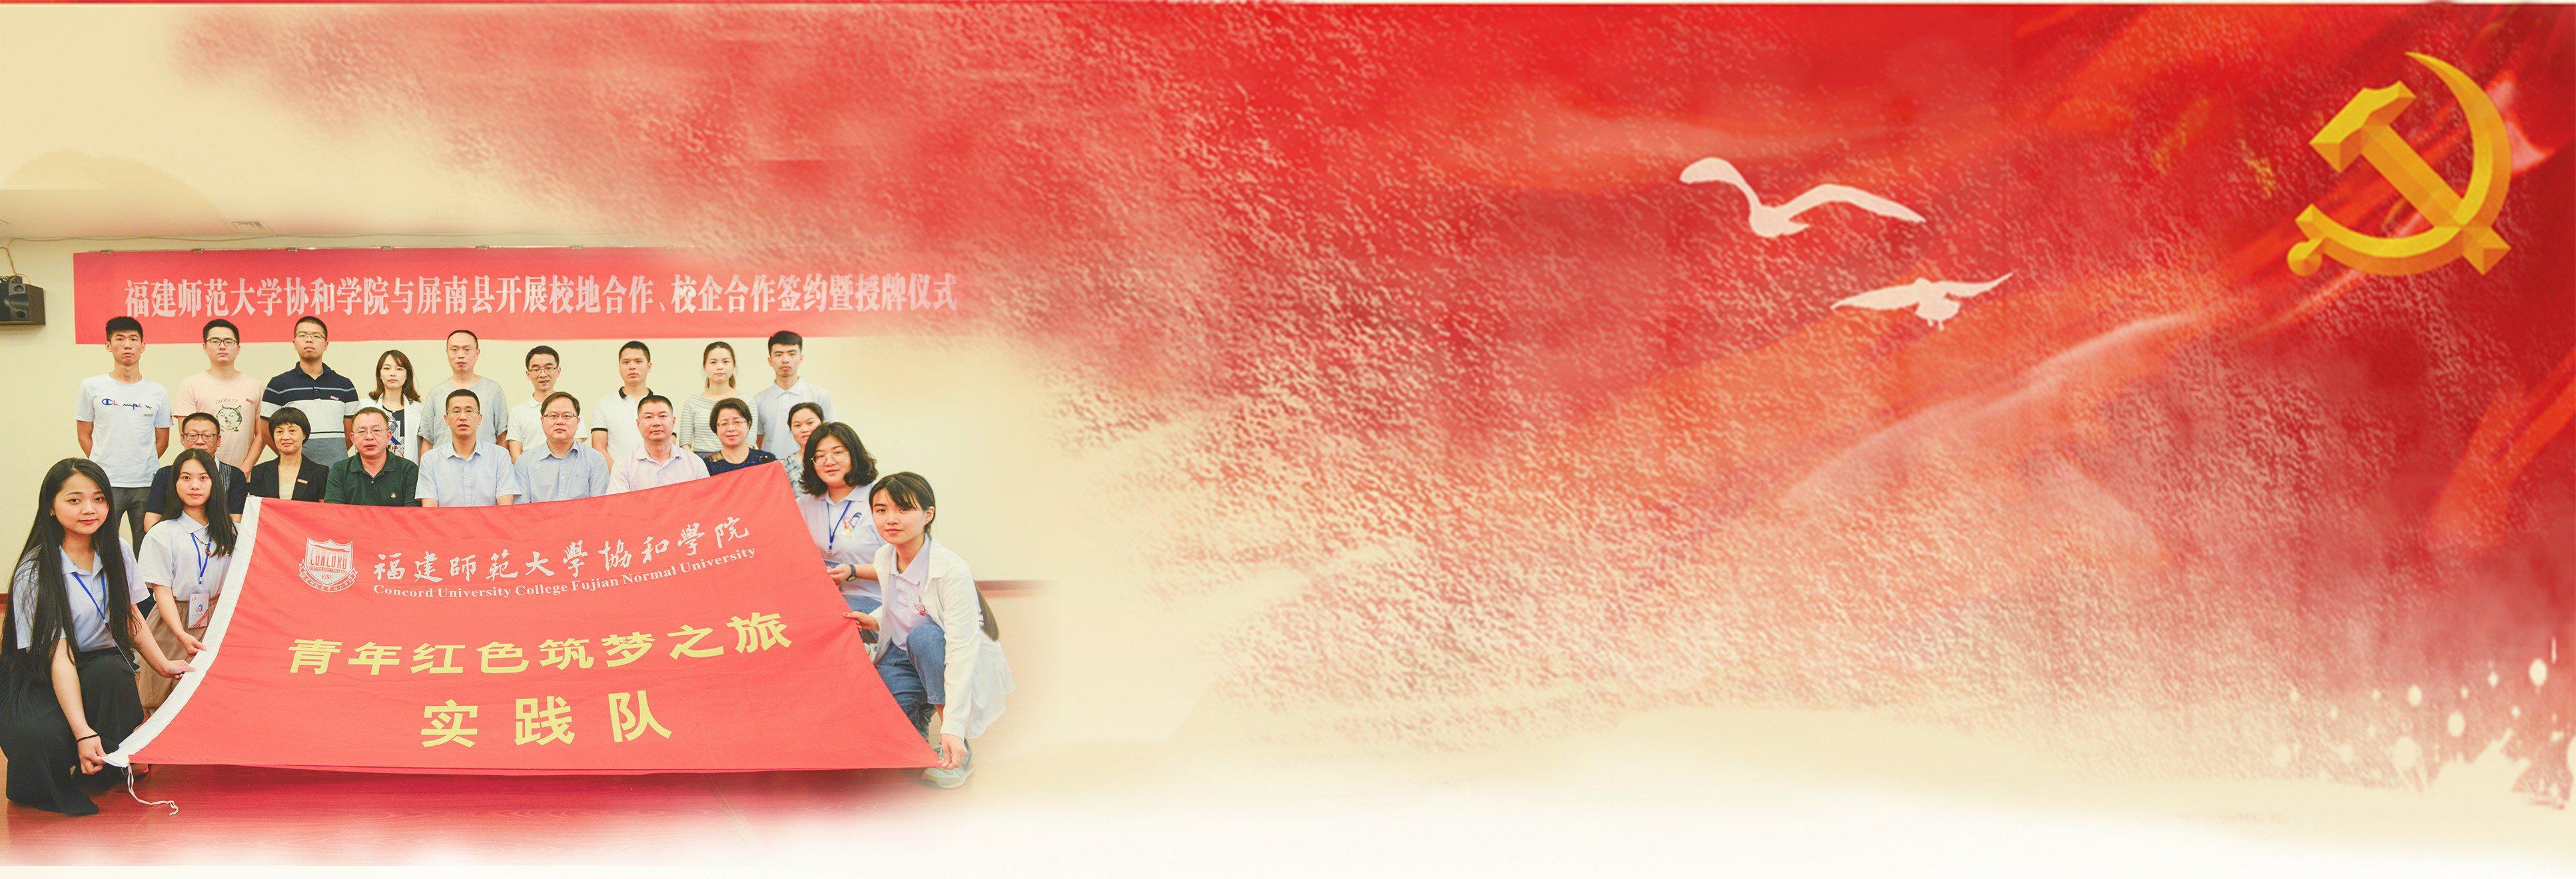 """""""协和学院探索校地企""""契约式联姻""""培养应用型人才新路径――""""五+五""""党员实践课堂宁德古田、屏南调研纪实"""